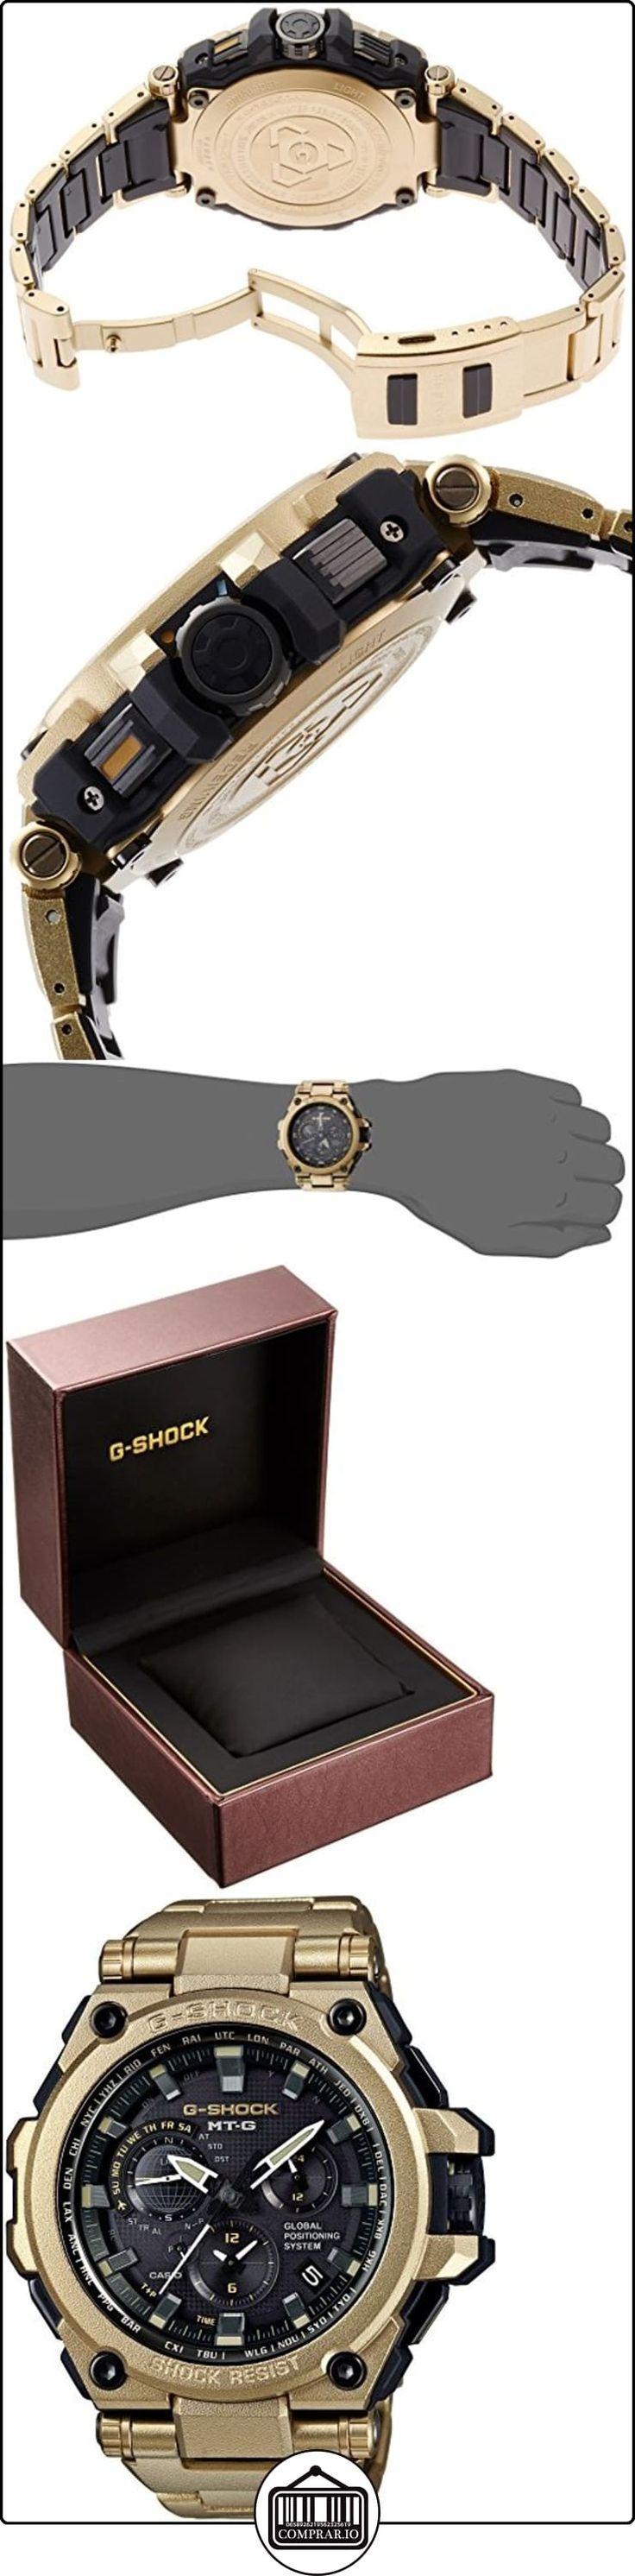 TA-G DEL G-CHOQUE de CASIO GPS la edición MTG-G1000RG-1AJR limitada MENS de  ✿ Relojes para hombre - (Lujo) ✿